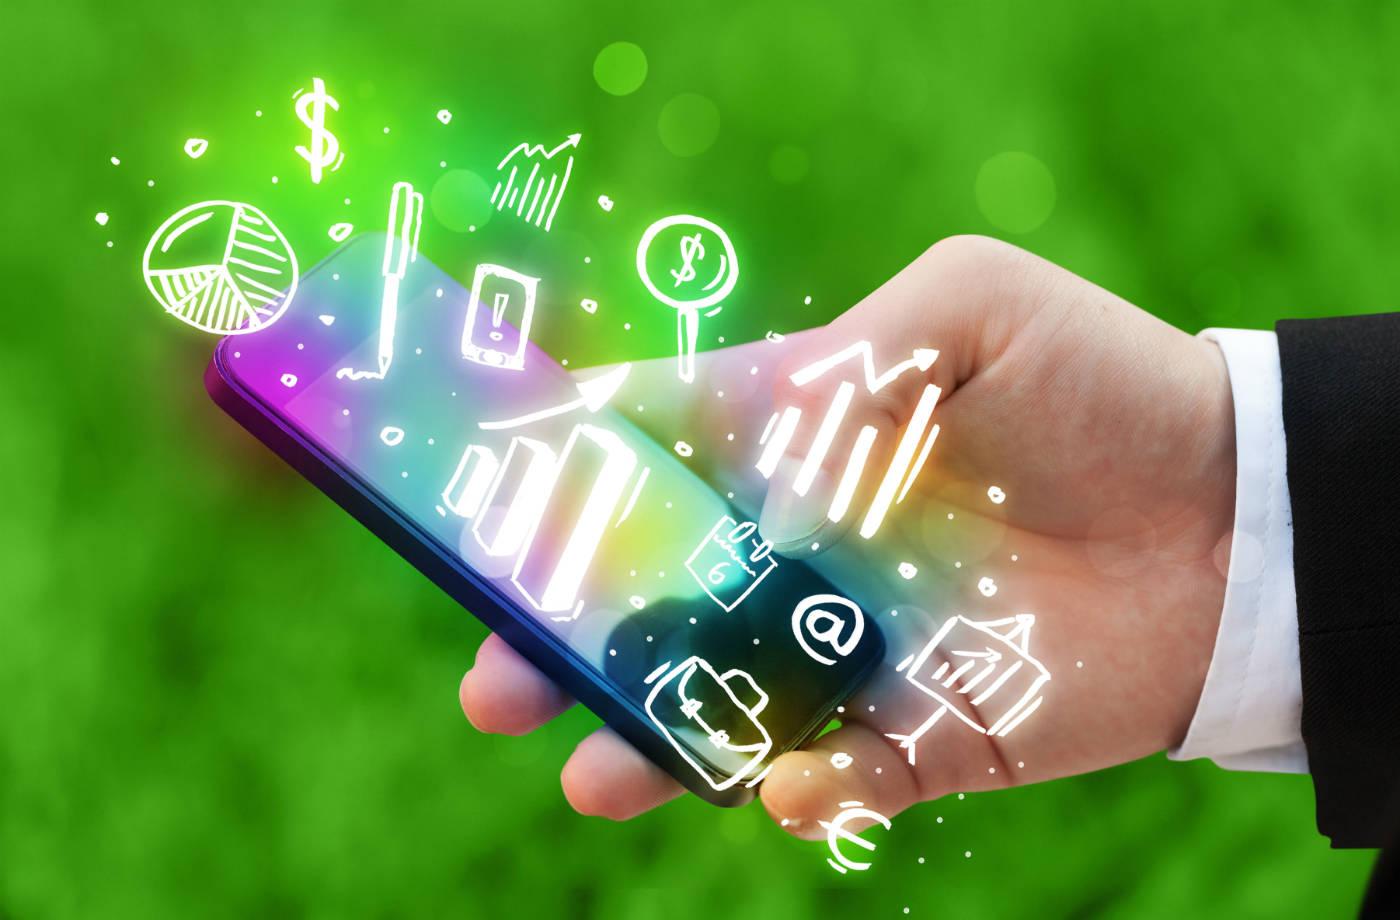 Conta digital: livre-se das altas taxas cobradas pelos bancos